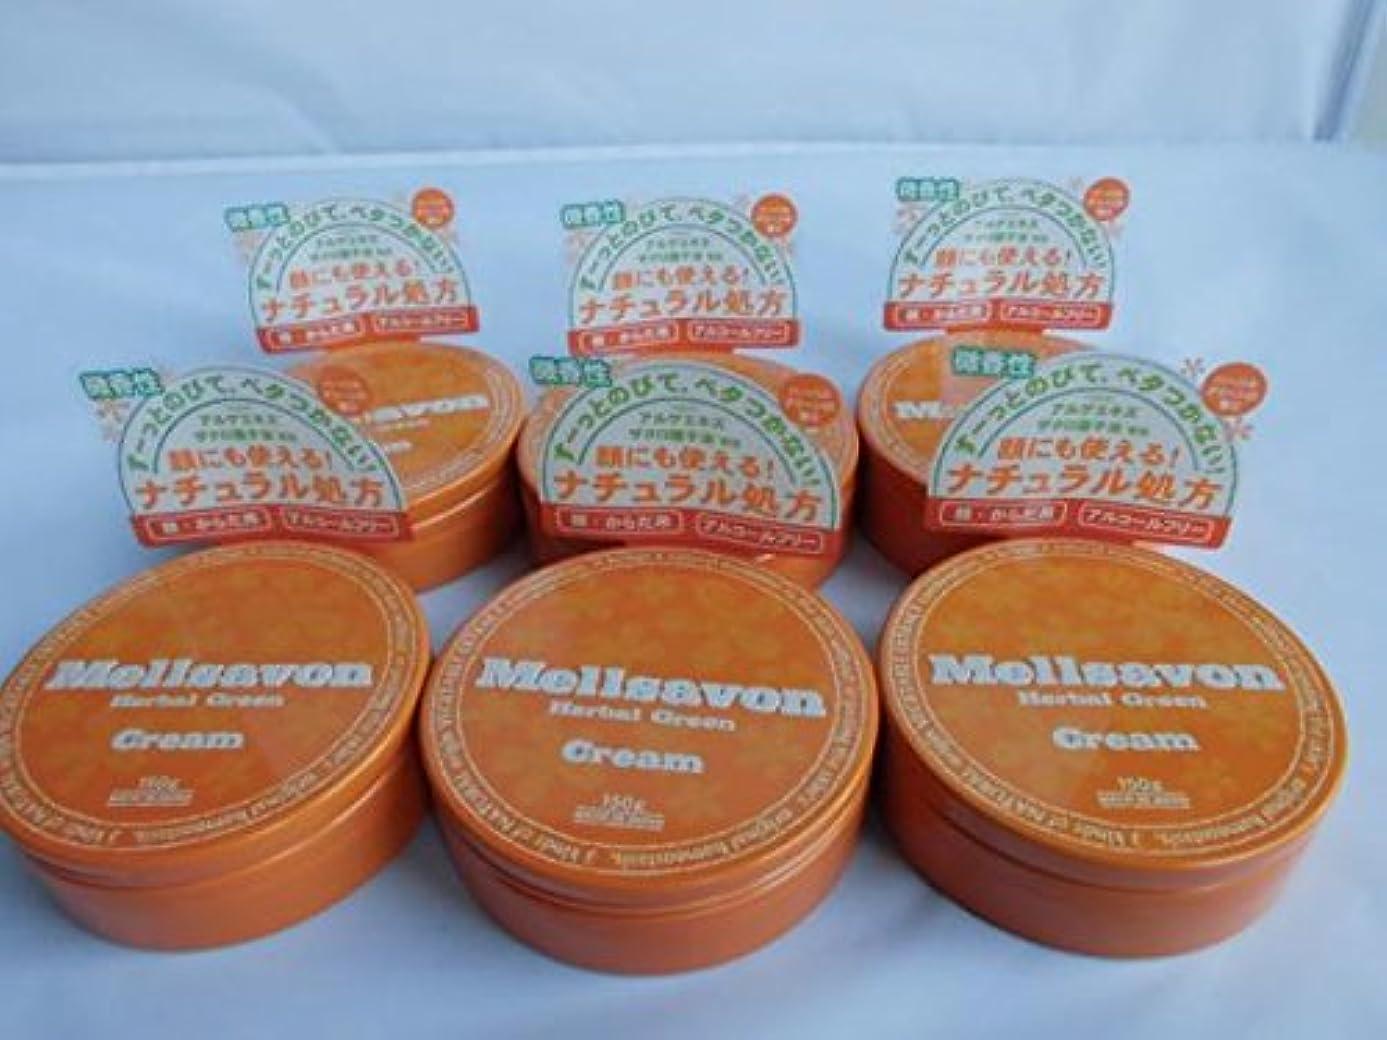 レンドスタッフ生産的【6個セット】 [メルサボン] スキンクリーム(ハーバルグリーン)大缶 [6個セット]